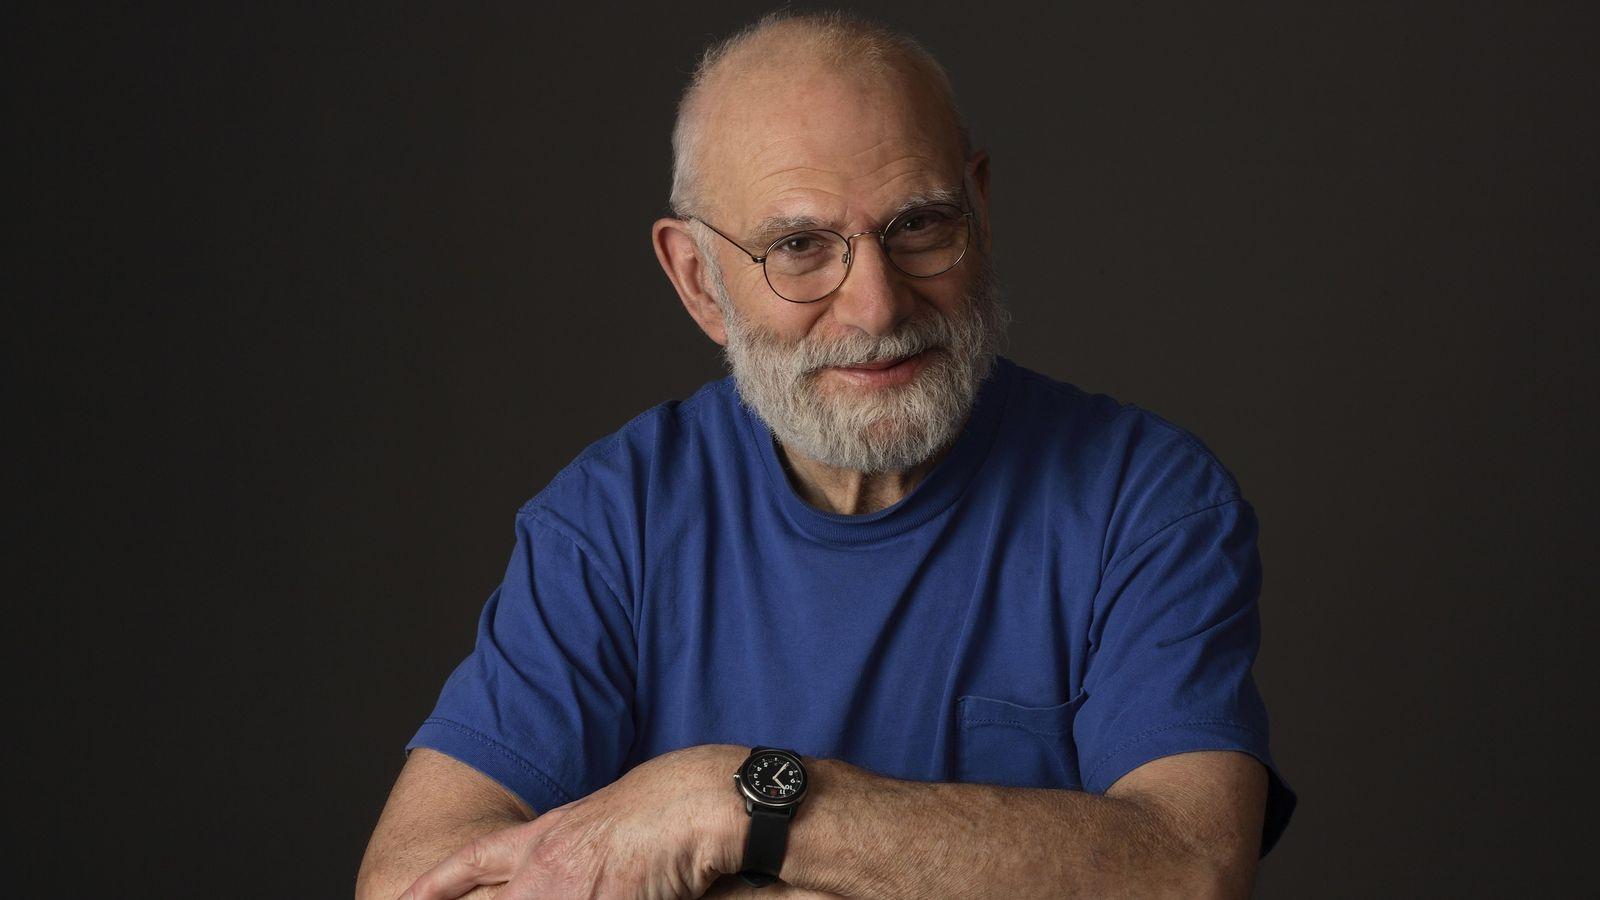 Foto: Oliver Sacks sufrió un melanoma ocular hace nueve años que ahora se ha vuelto a reproducir.